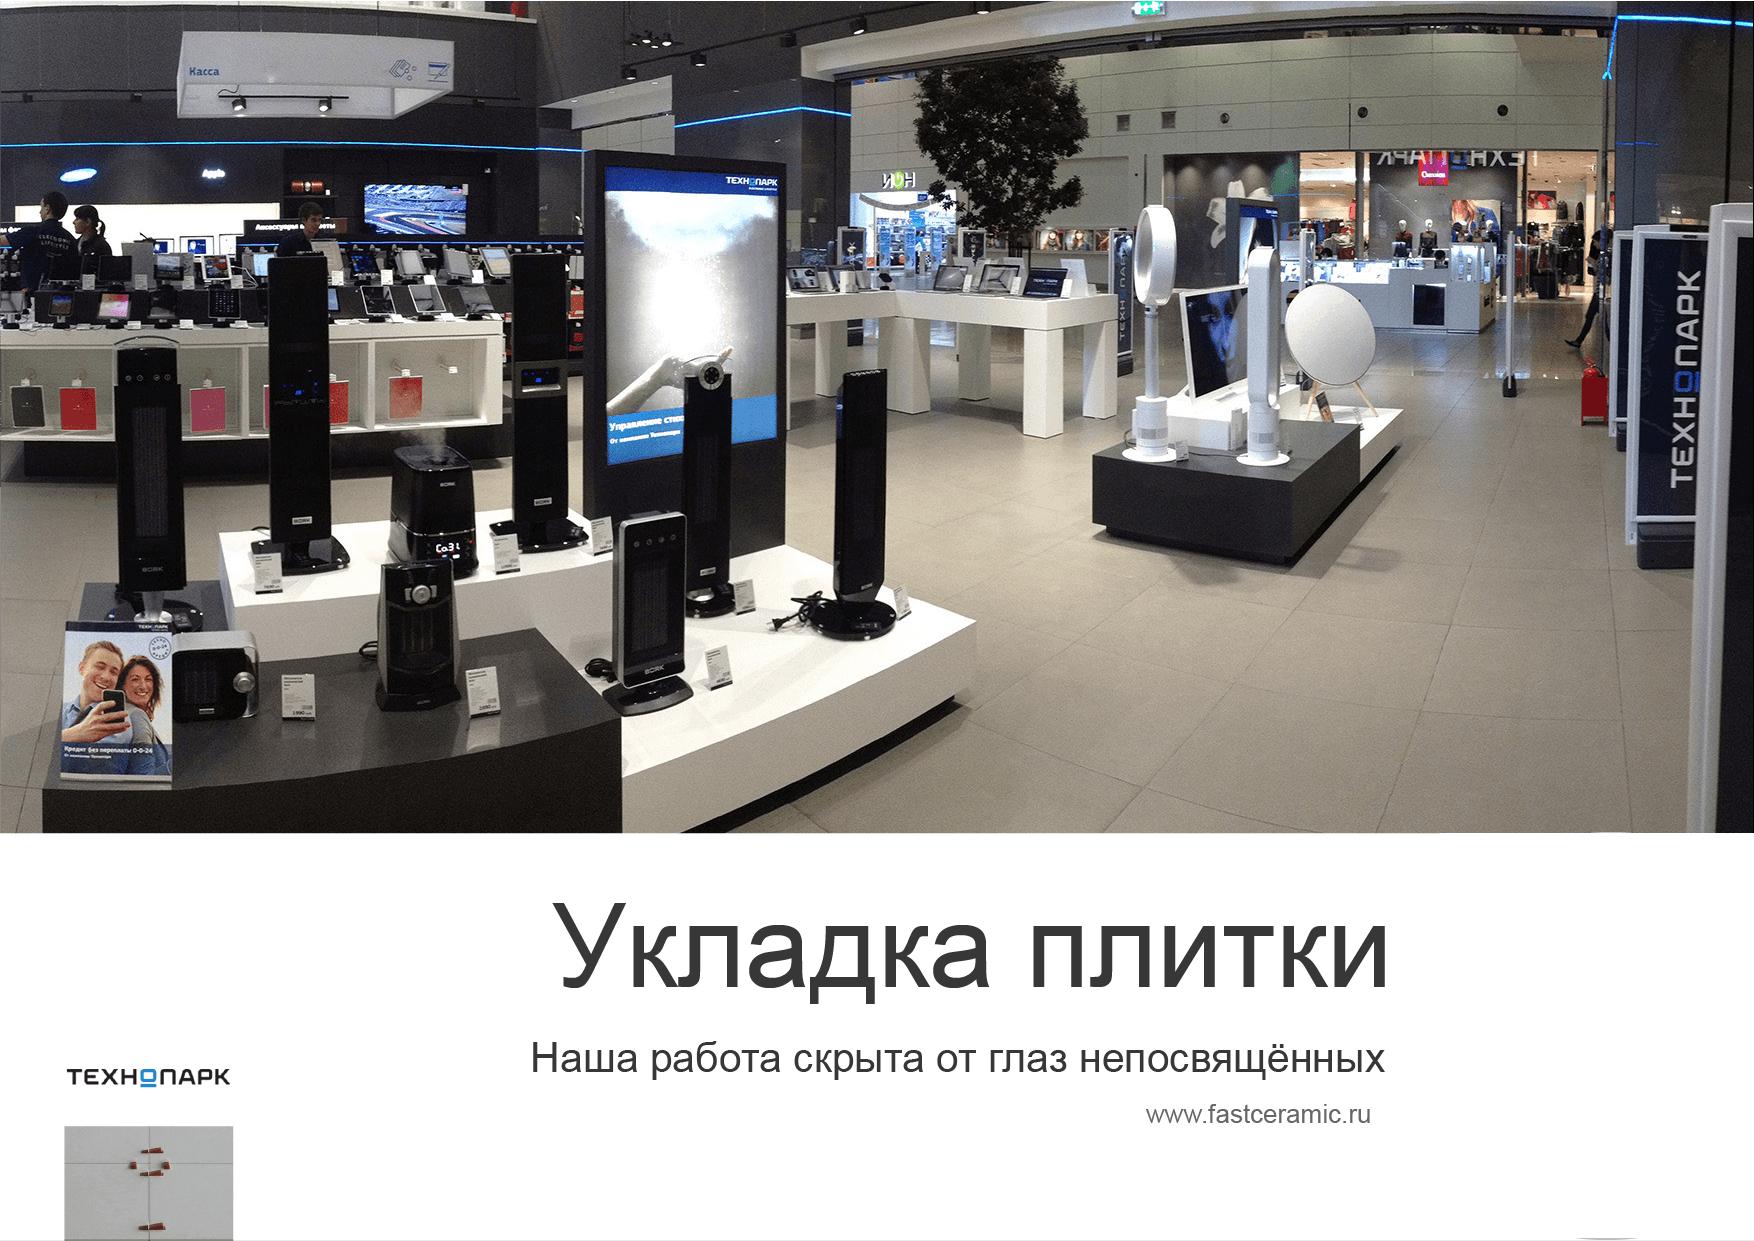 Технопарк Химки ТЦ МЕГА FASTCERAMIC ПЛИТКА СТЯЖКА ПОЛА